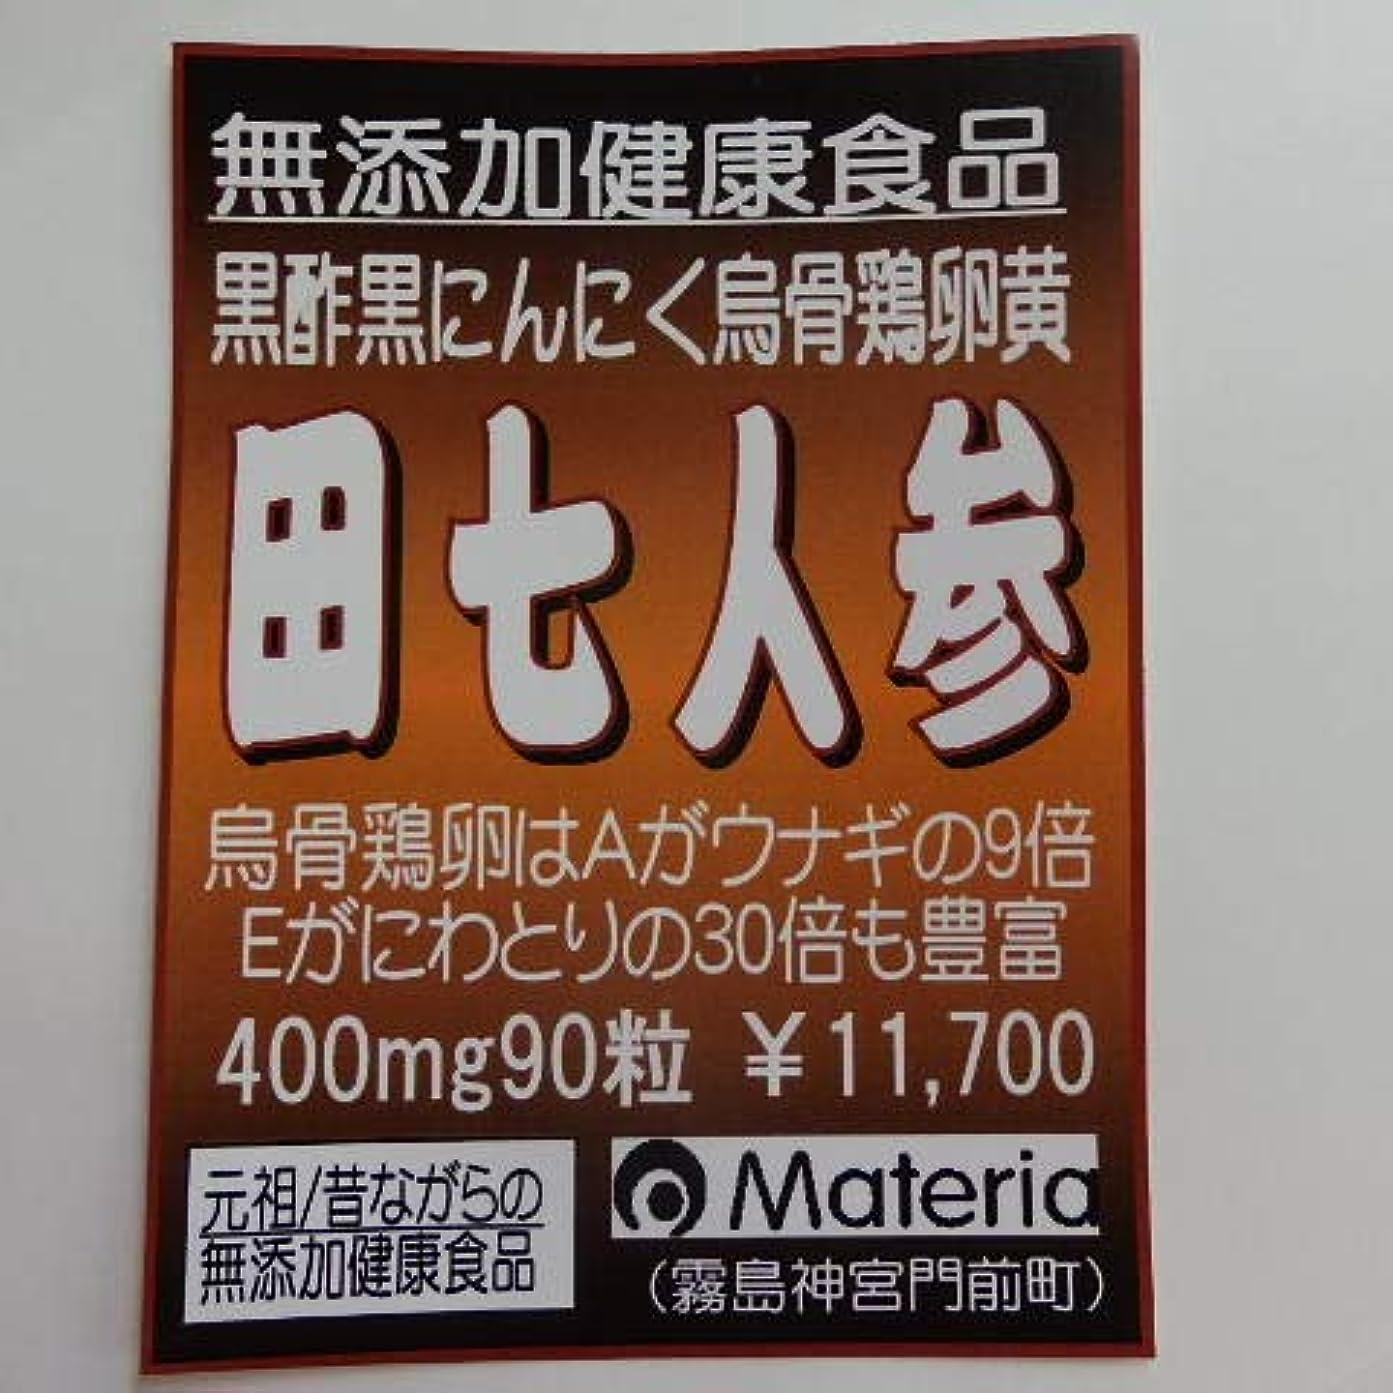 公使館却下する先入観黒酢黒にんにく烏骨鶏卵黄/田七人参(90粒)90日分¥11,700